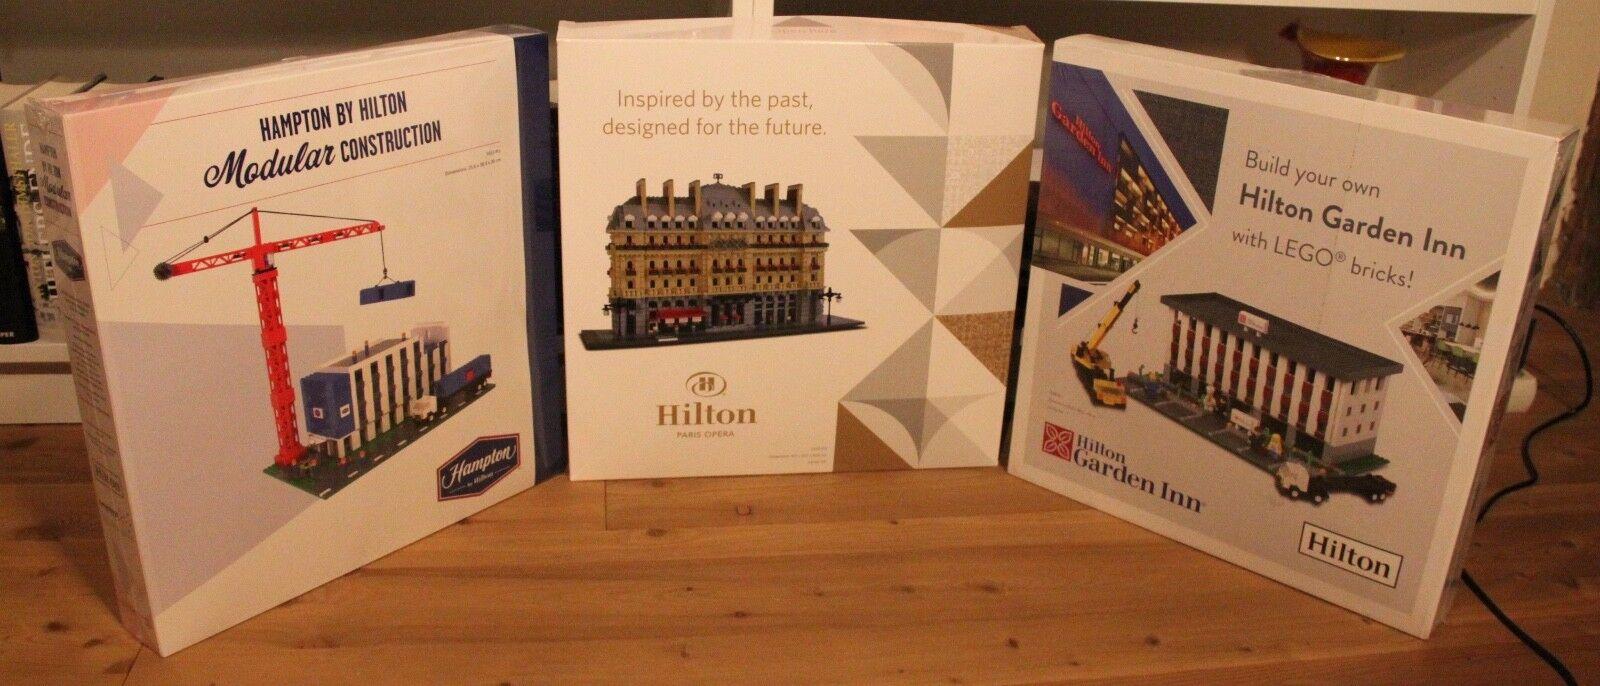 Lego hilton garden inn Certified Professional muy rara edición limitada